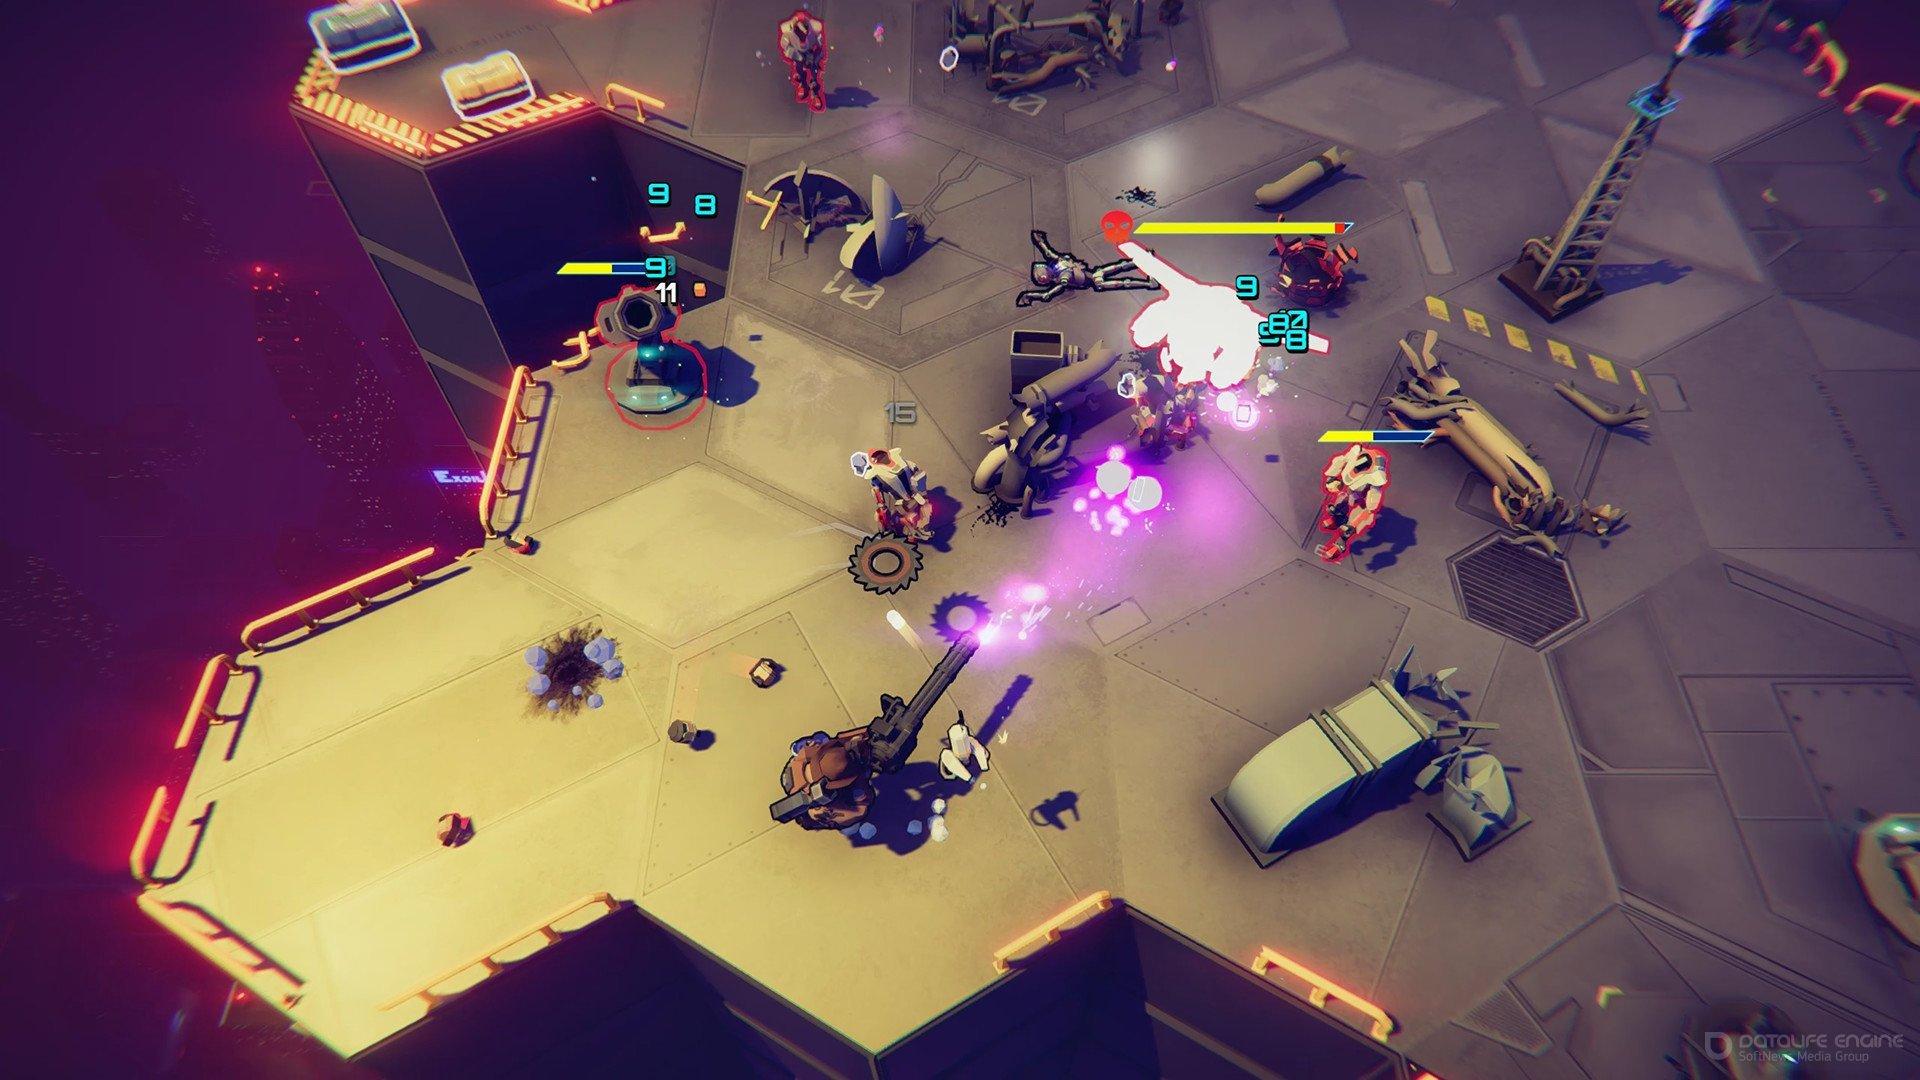 Скриншот к игре Danger Scavenger v.2.0.7.1 (2020)  скачать торрент Лицензия